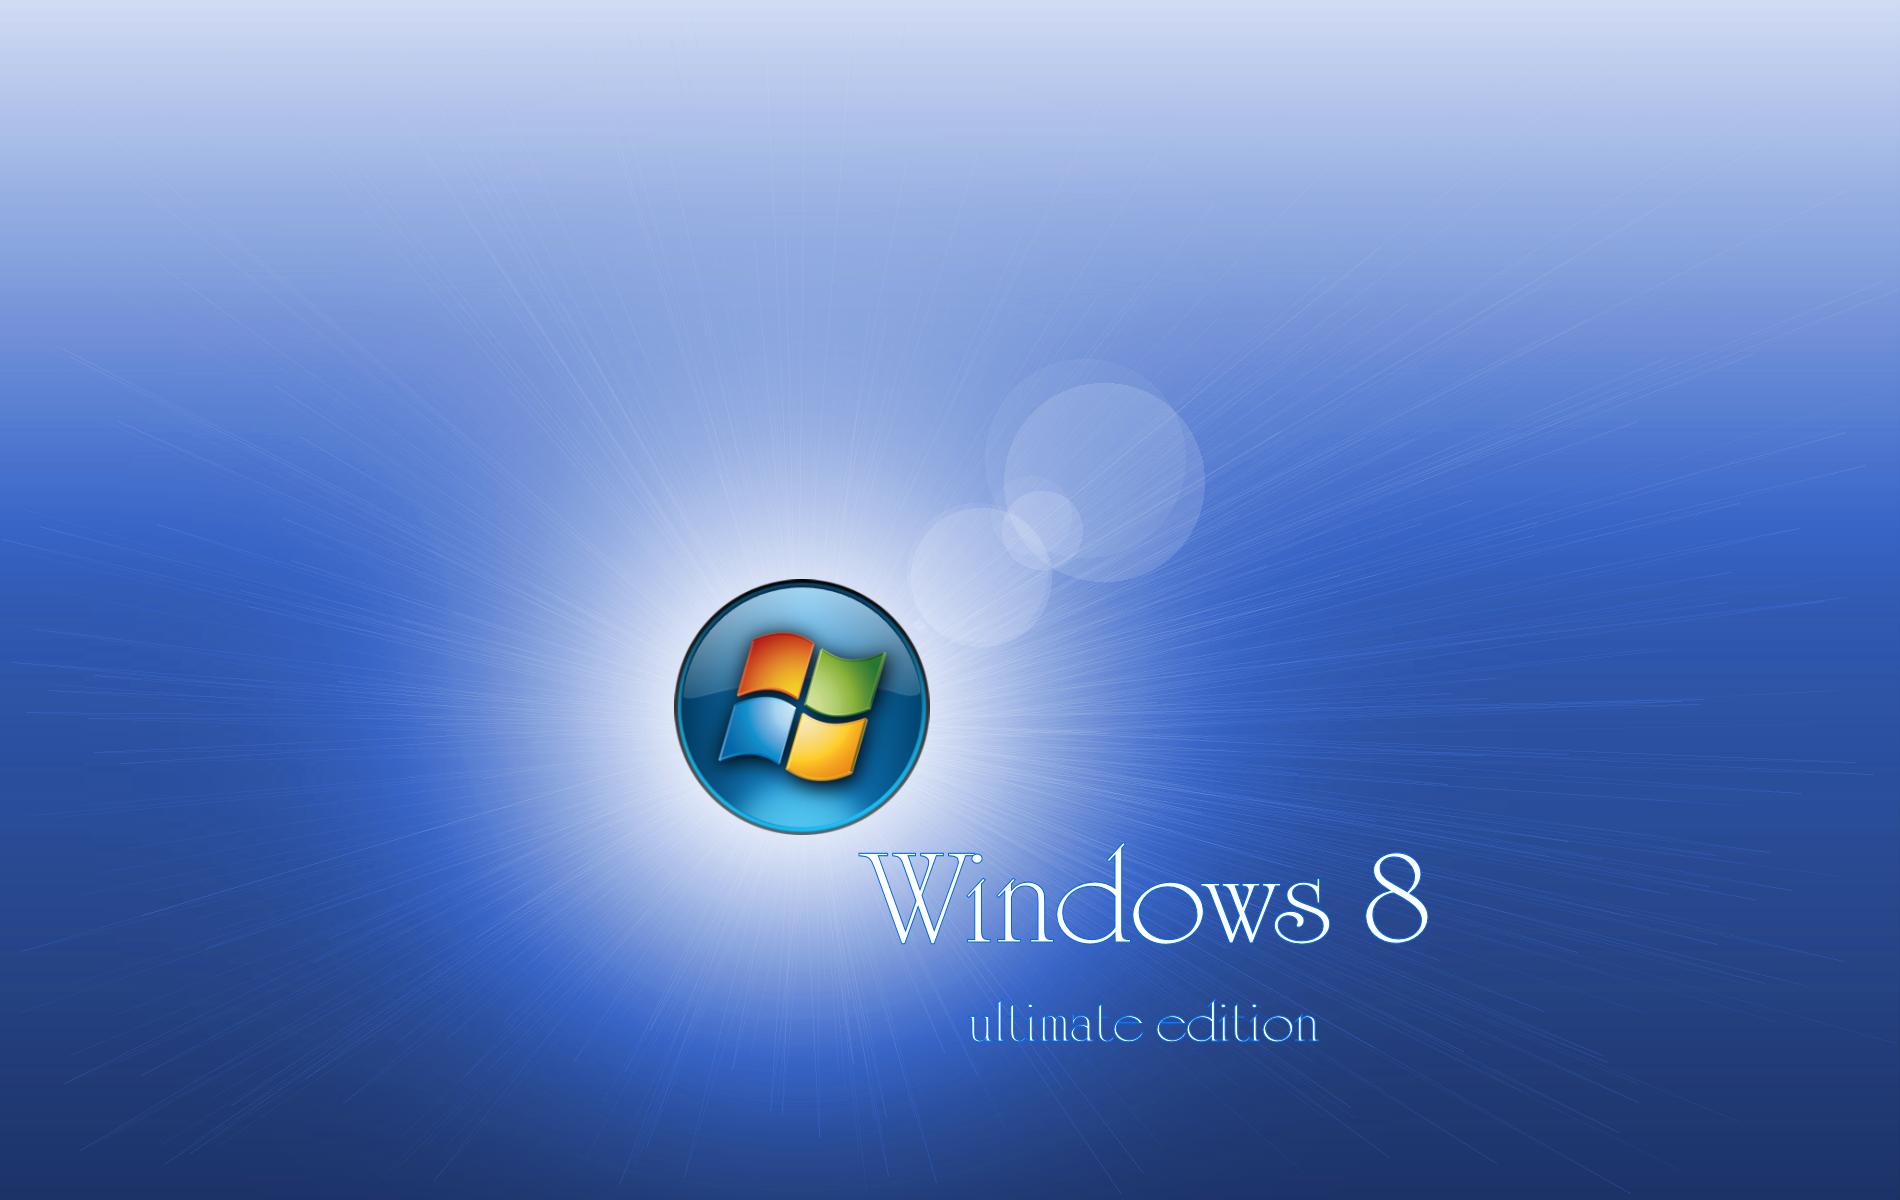 windows 8 ultimate kickass